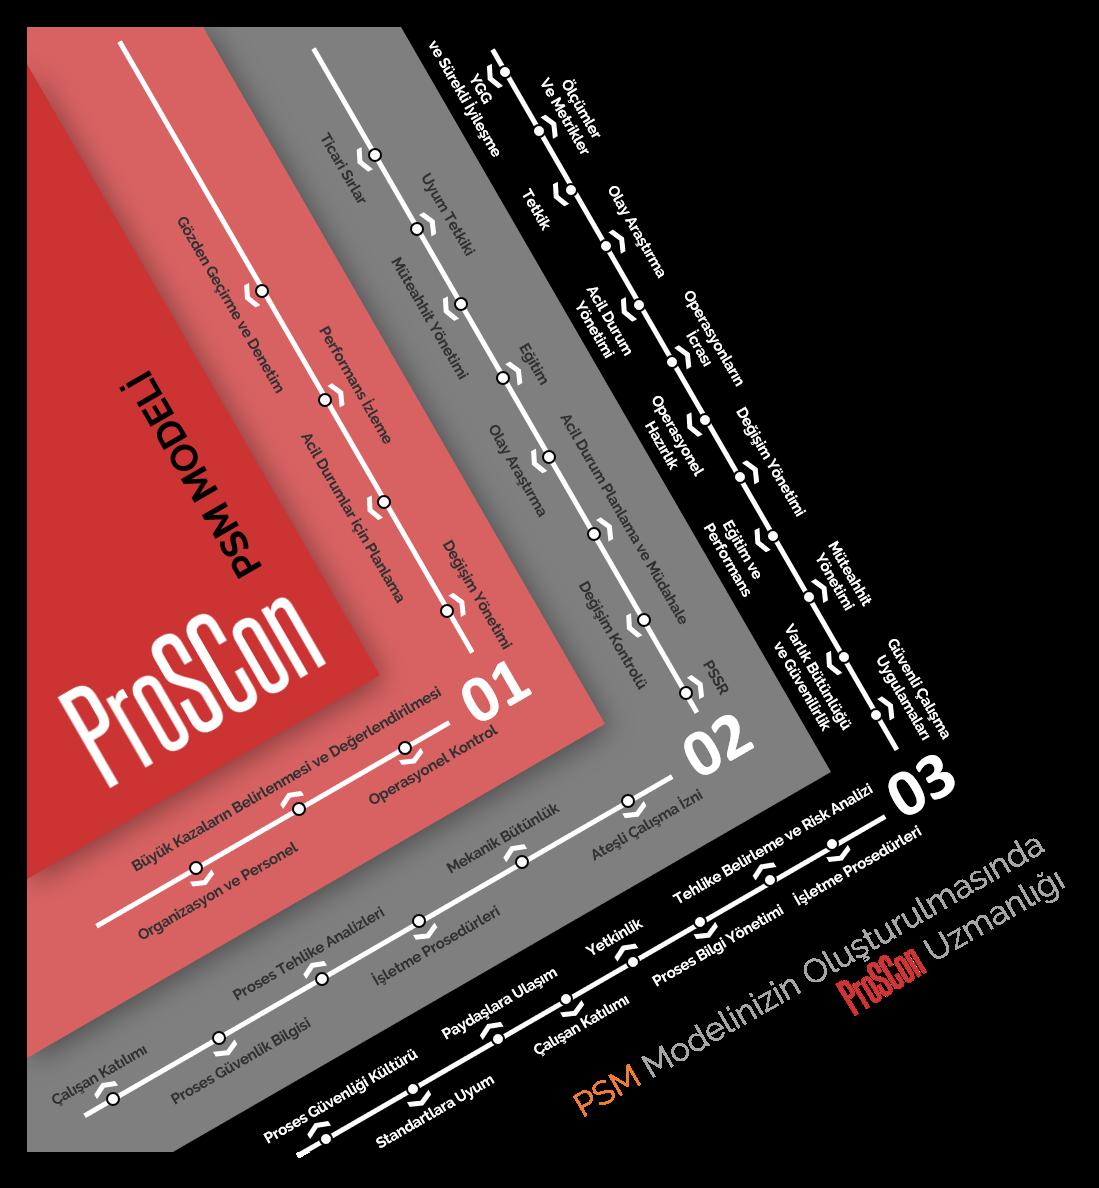 [object object] - PSM3 - Yaşanmış Kazalar ile Endüstriyel Güvenliğin Gelişimi